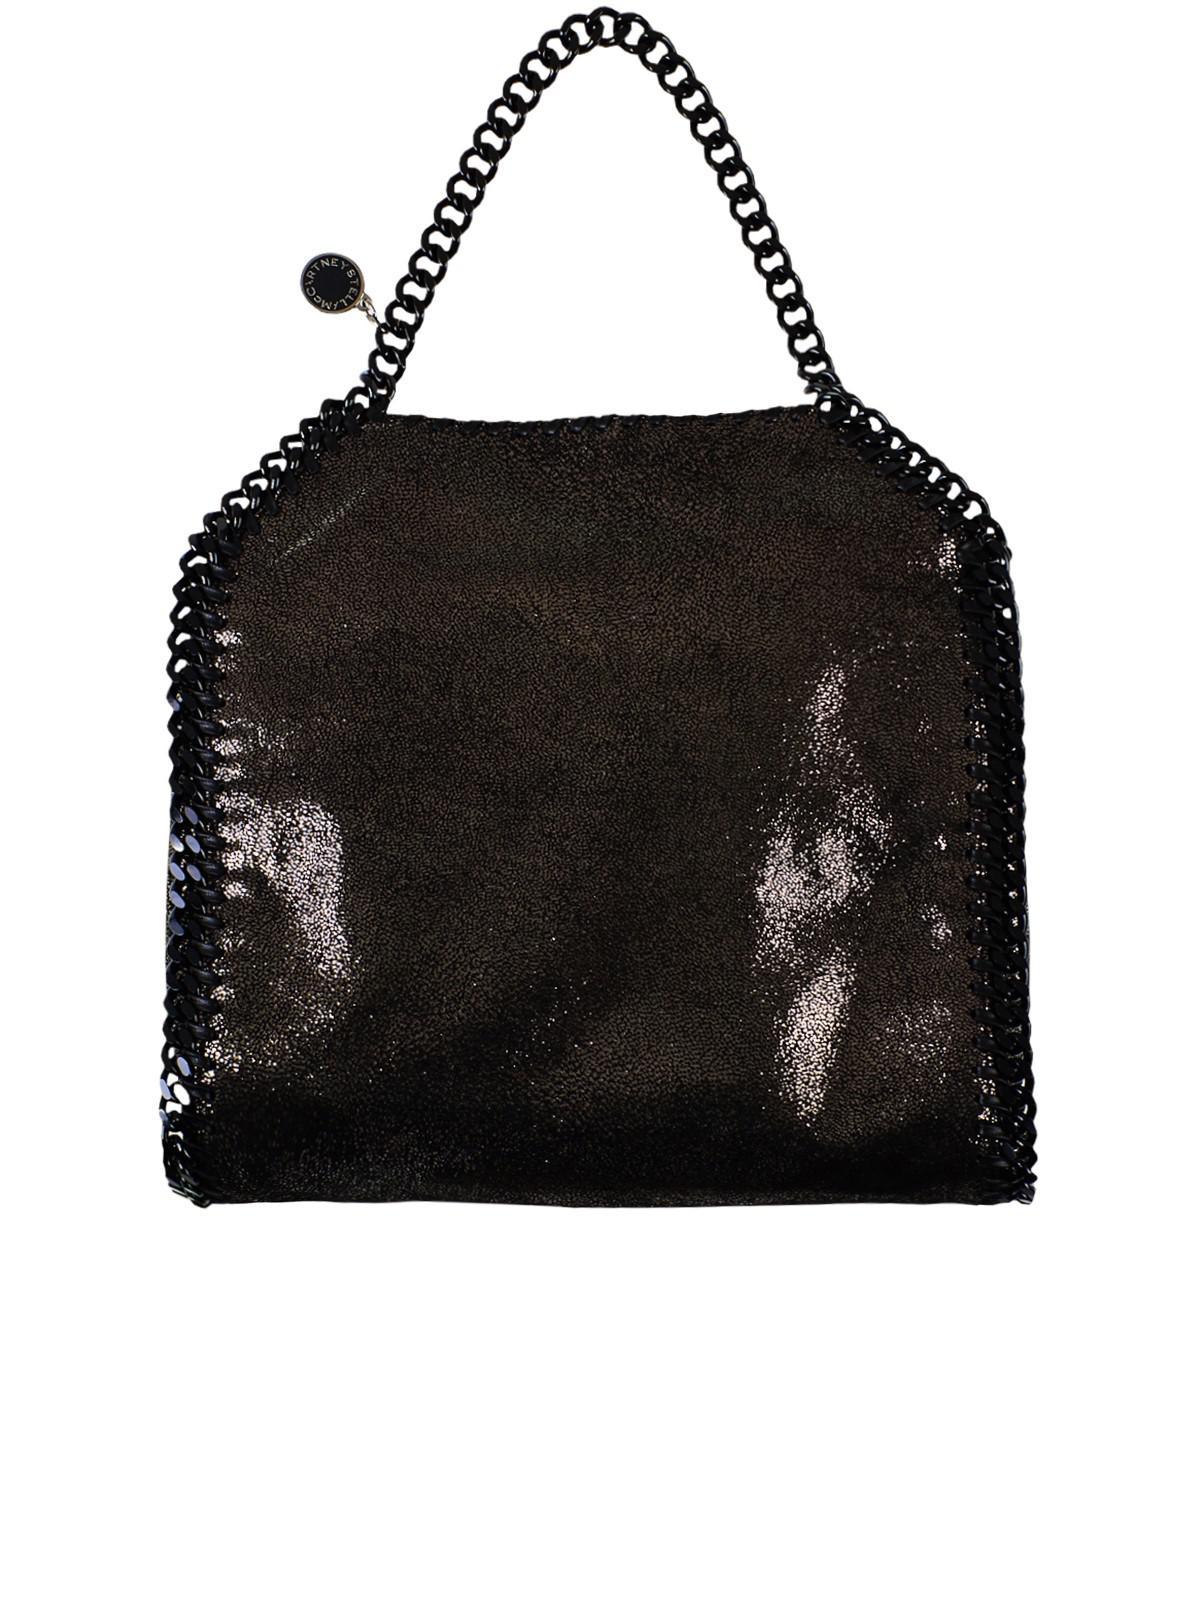 Lyst - Stella Mccartney Black Small Tote Falabella Crossbody Bag in ... 69b155fde63cc